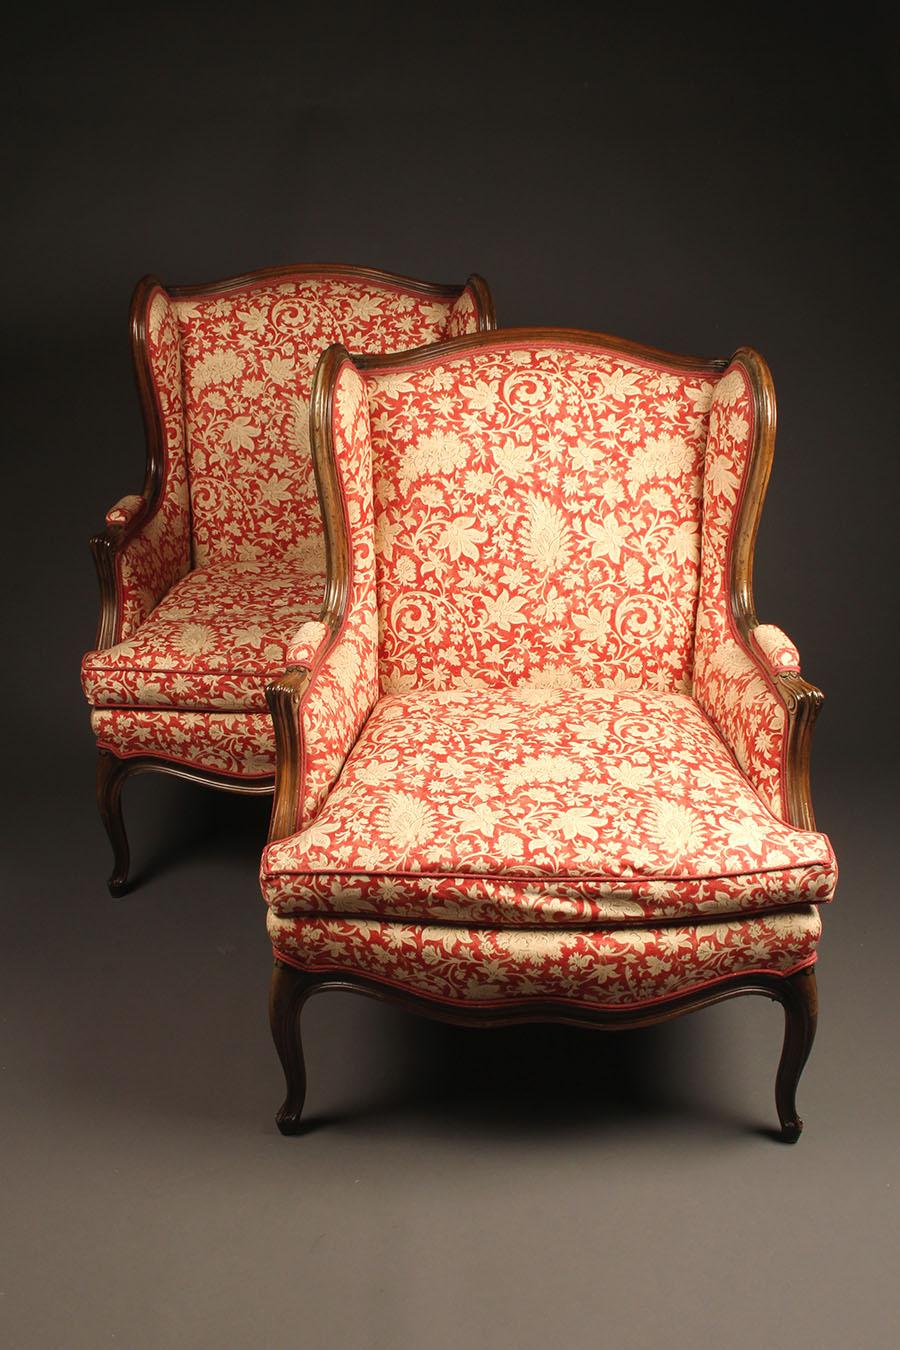 A5603A Chair Armchair Louis Xv French